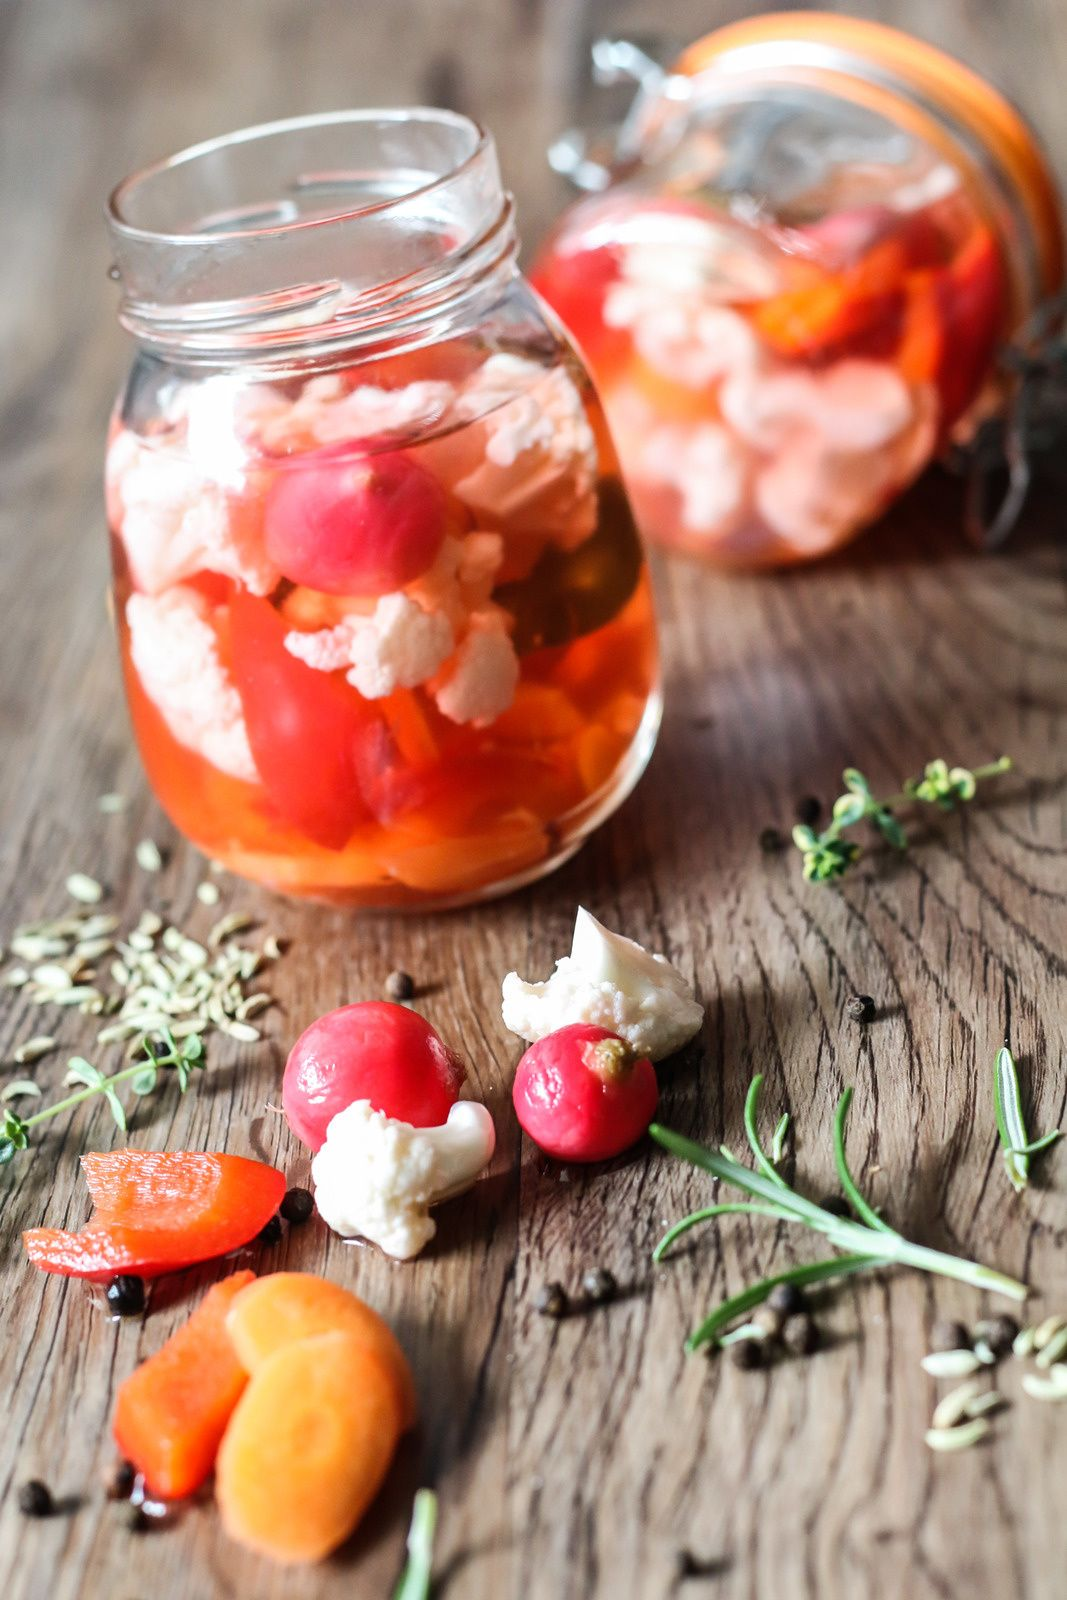 Pickles de légumes (avec images) | Recette chou fleur, Recette chou, Recettes de cuisine